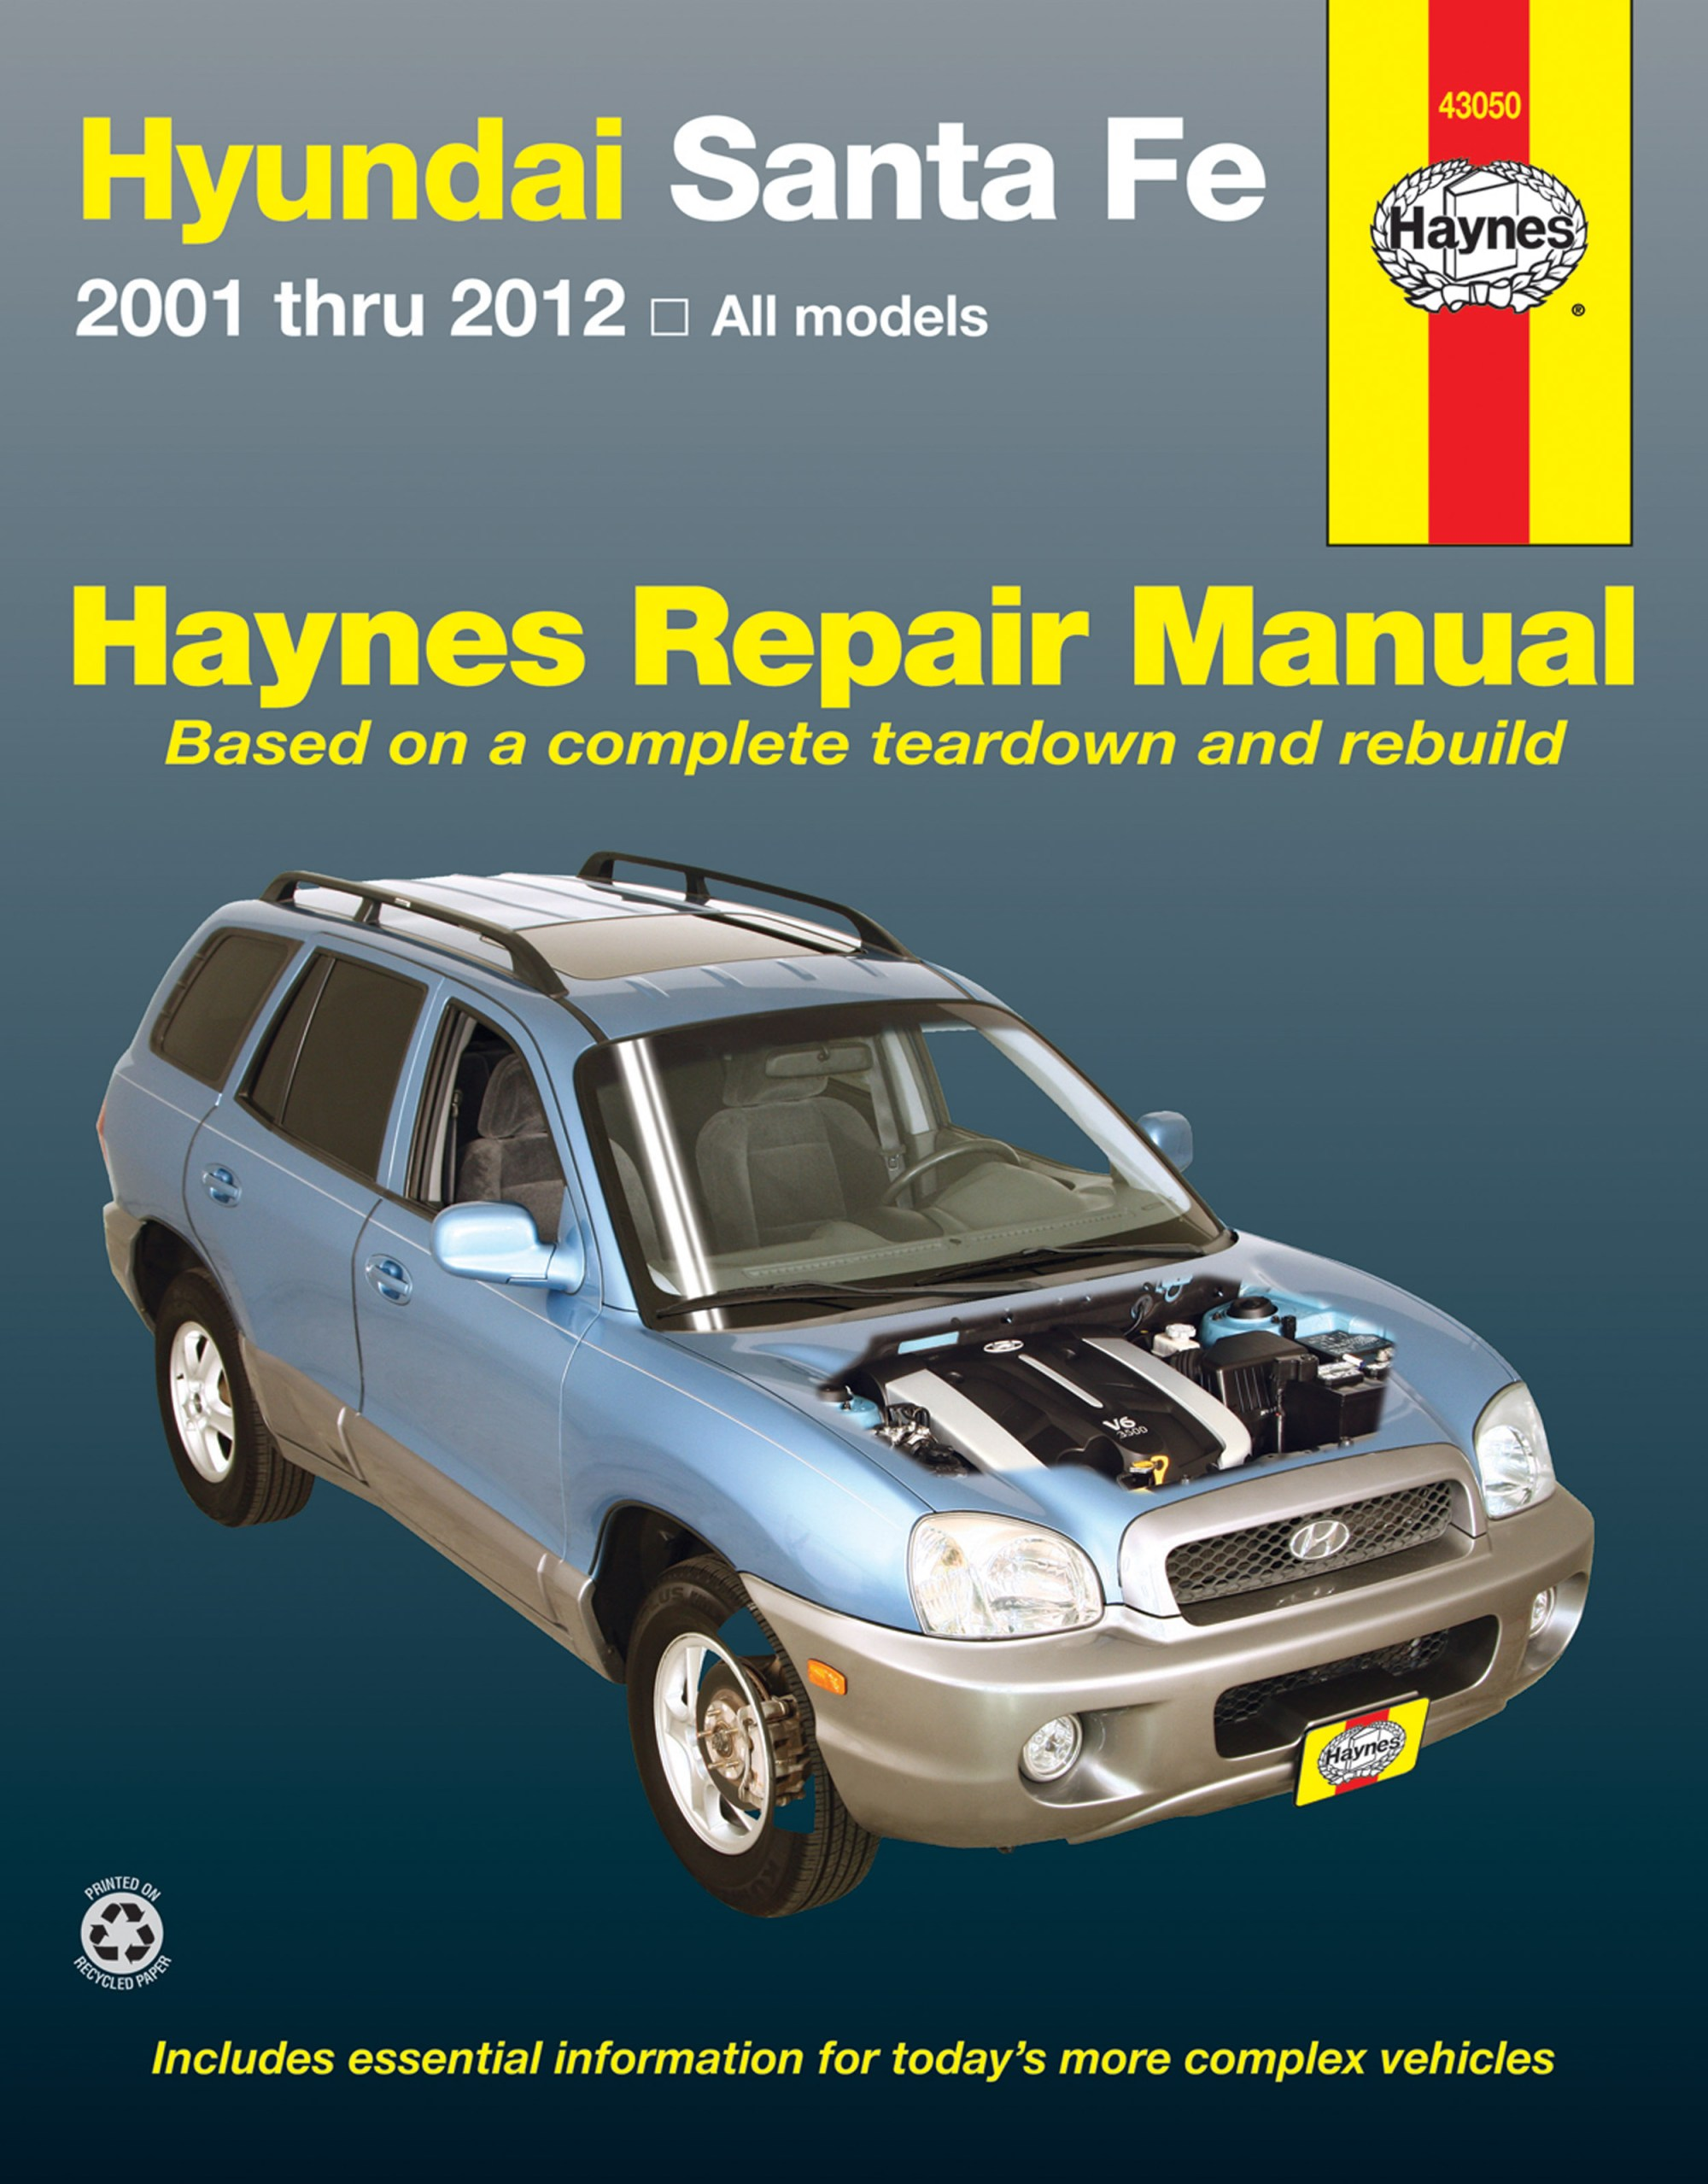 hight resolution of hyundai sante fe 01 12 haynes repair manual enlarge